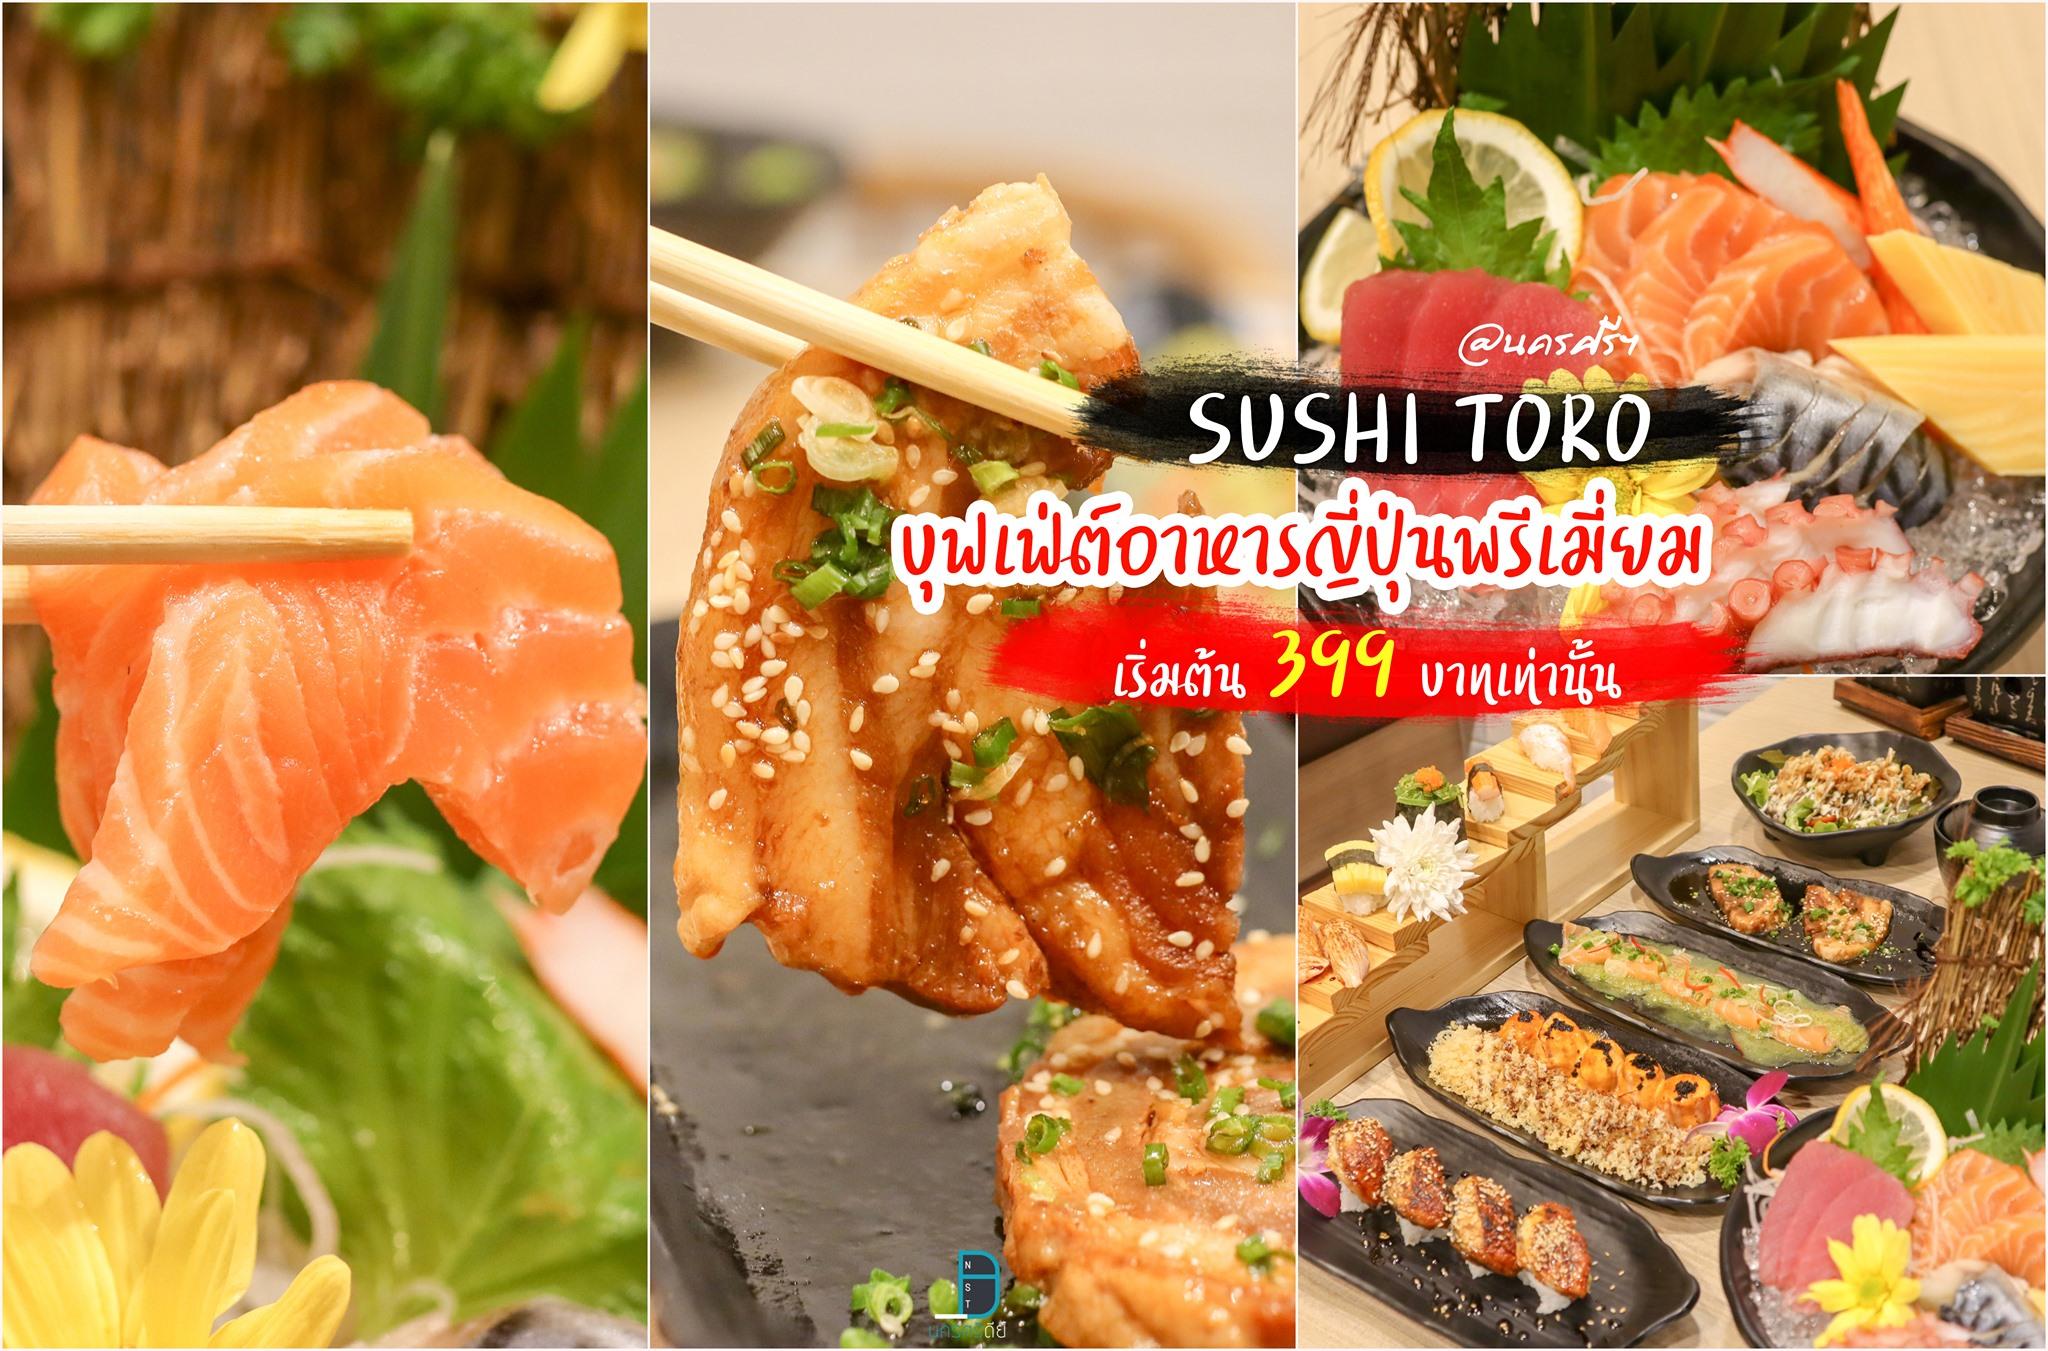 Sushi TORO สหไทยพลาซ่า นครศรีธรรมราช ร้านอาหารญี่ปุ่นอร่อยเด็ด บุฟเฟ่ต์ อะลาคาร์ท